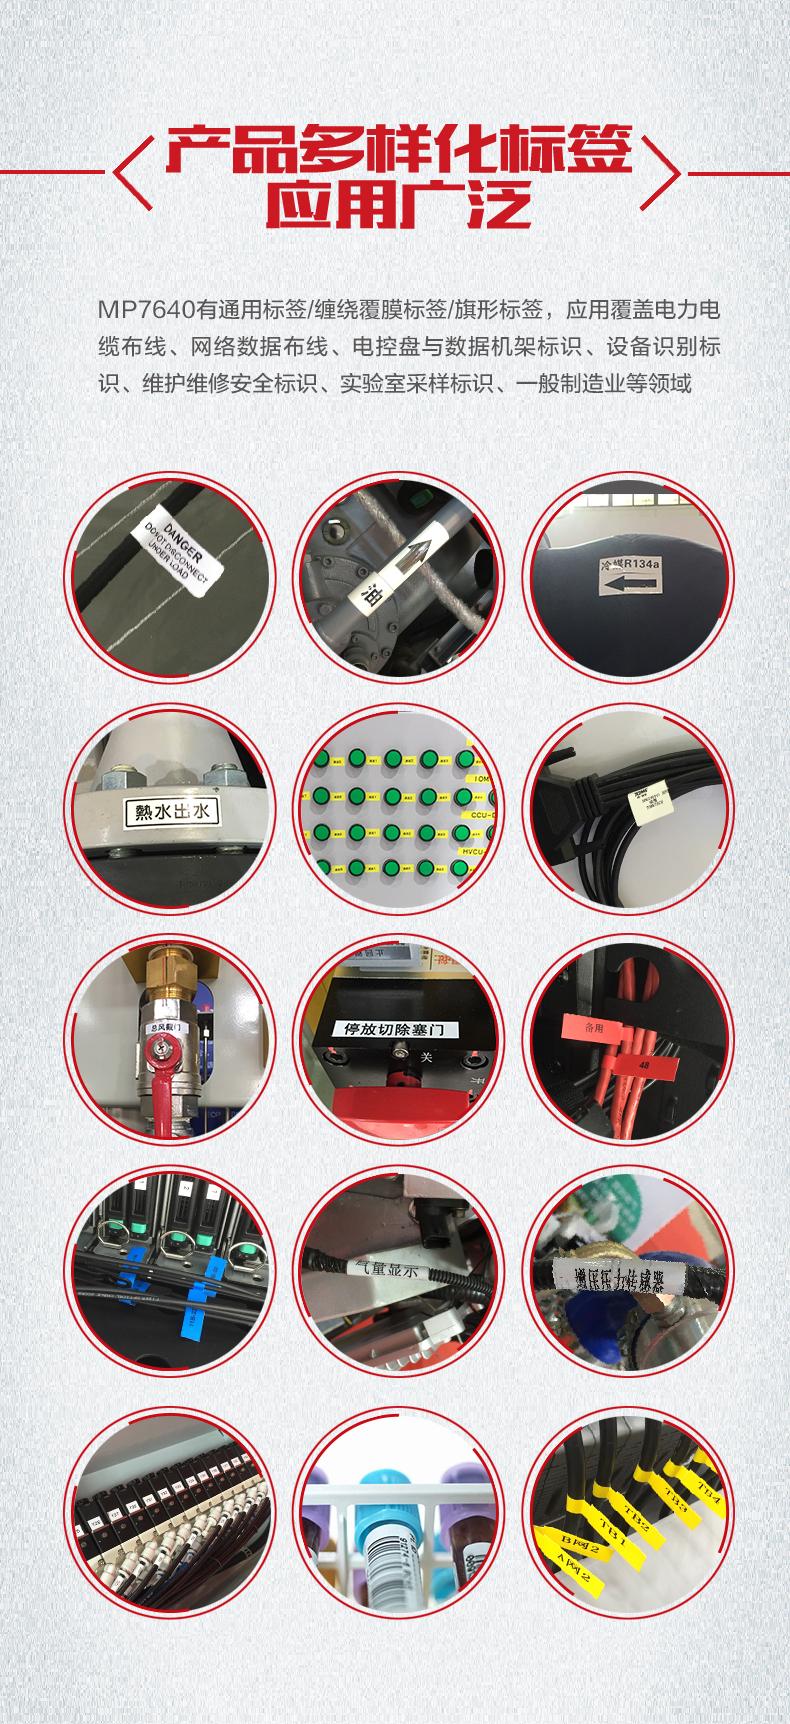 线缆标签打印机MP7640应用实例